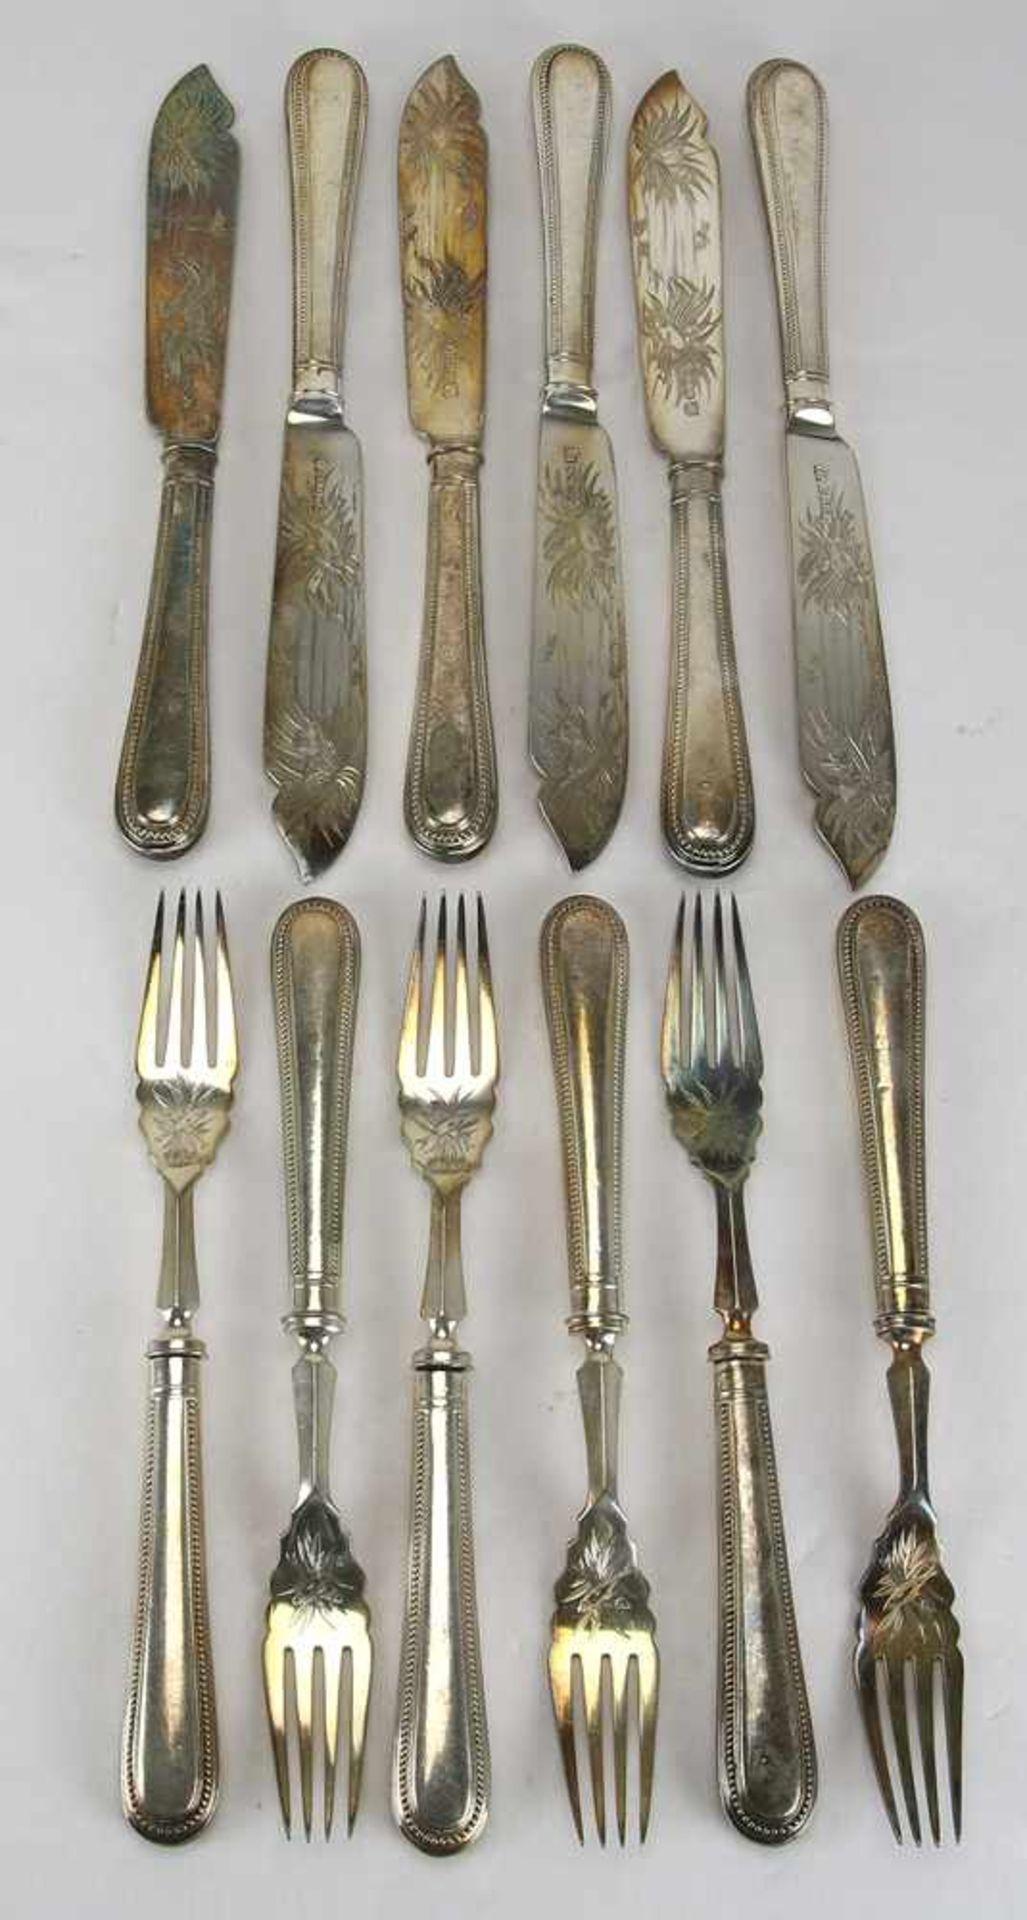 FischbesteckEngland um 1900. Silber Plated. Jeweils Manufakturmarken und Hersteller H.W.S. Länge